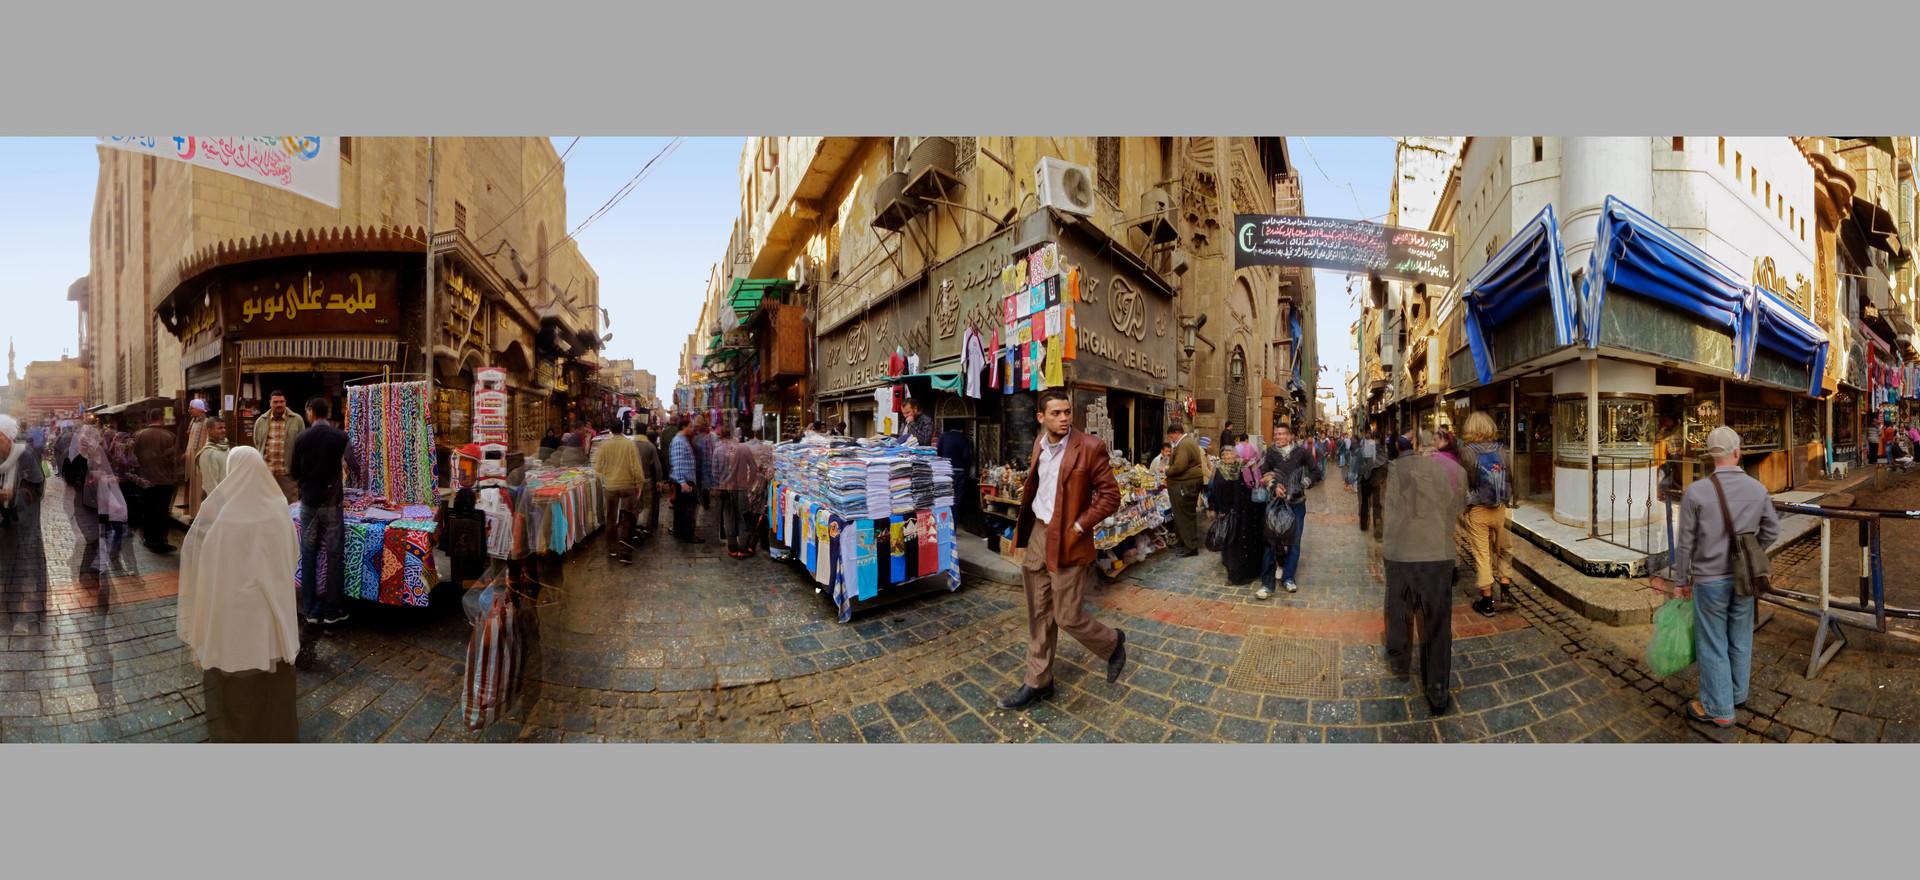 Khan-el-Khalili Bazaar, Cairo, Egypt